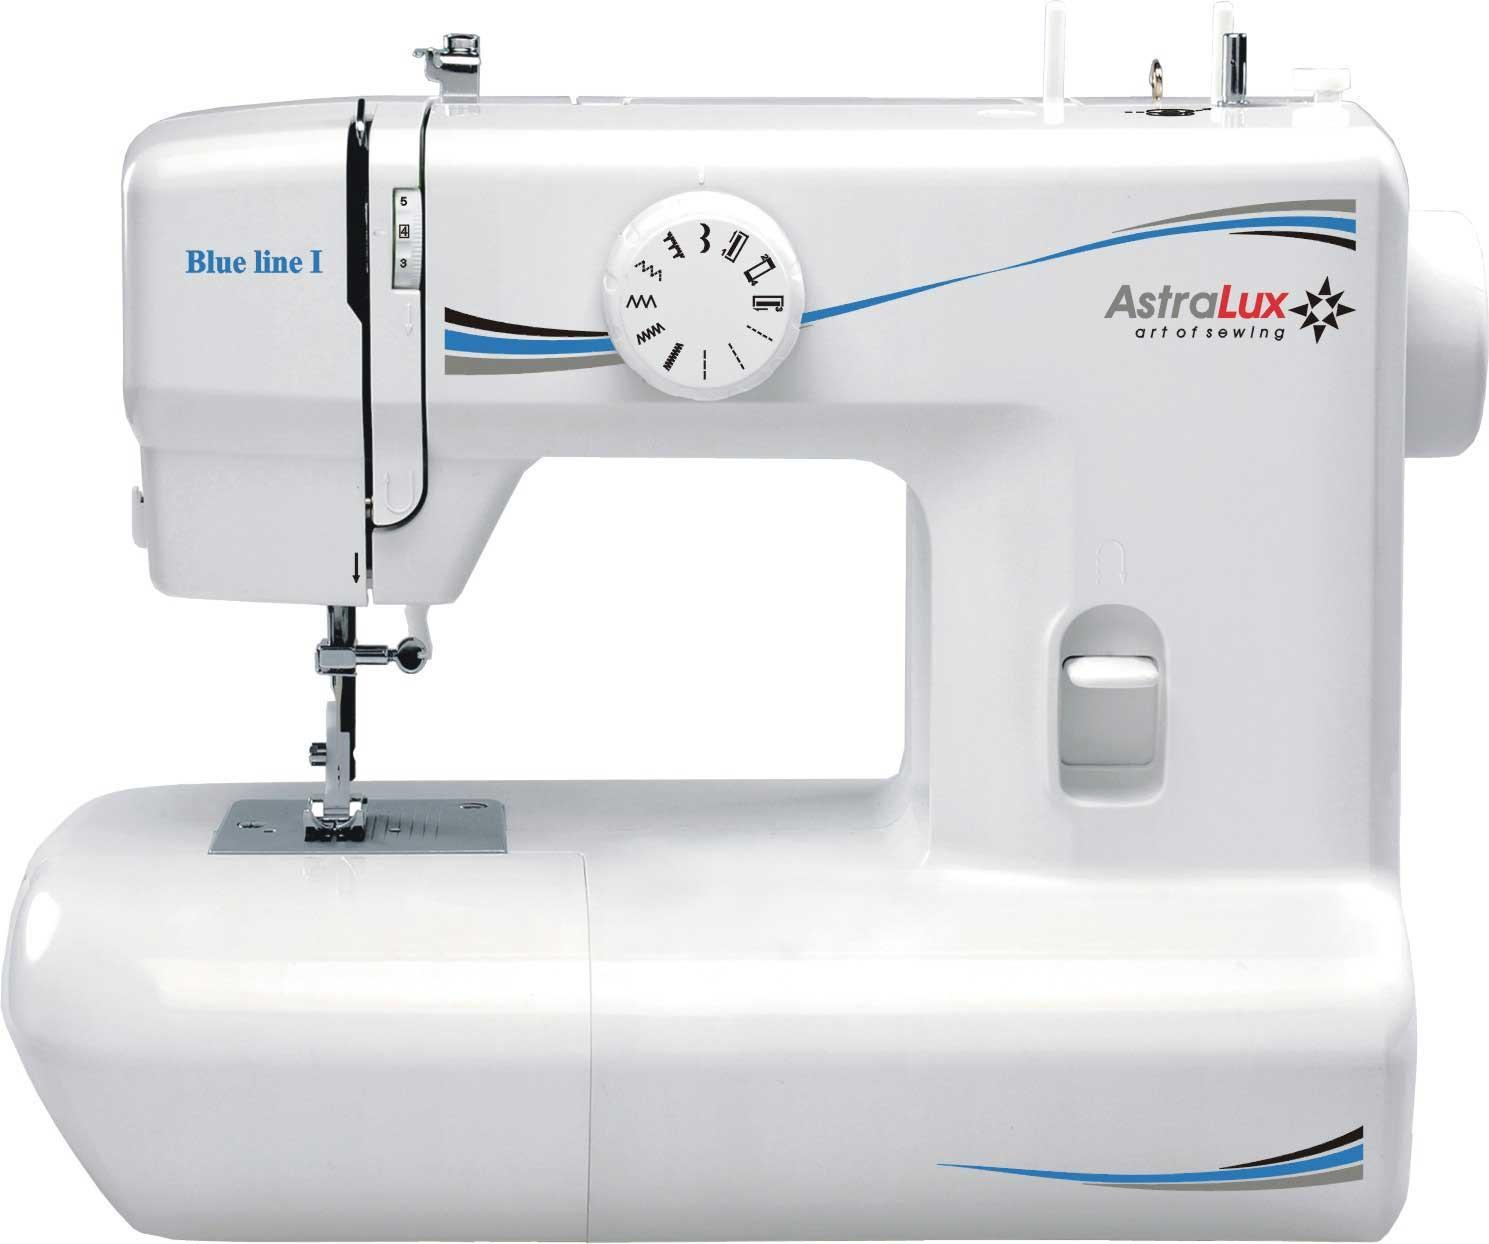 Astralux Blue Line I швейная машинаBlue Line IШвейная машина AstraLux Blue Line I - машинка для шитья, с современным элегантным дизайном. Имеет регулировку натяжения нити и способна работать с различными видами тканей. Имеет удобную светодиодную подсветку и встроенный нитеобрезатель. Рукавная консоль позволяет обрабатывать рукава, манжеты или штанины, а также любые детали с горловиной. Допускает шитье двойной иглой. Такая швейная машинка прекрасно подойдет для новичков. Легка в управлении имеет все необходимое для комфортной работы